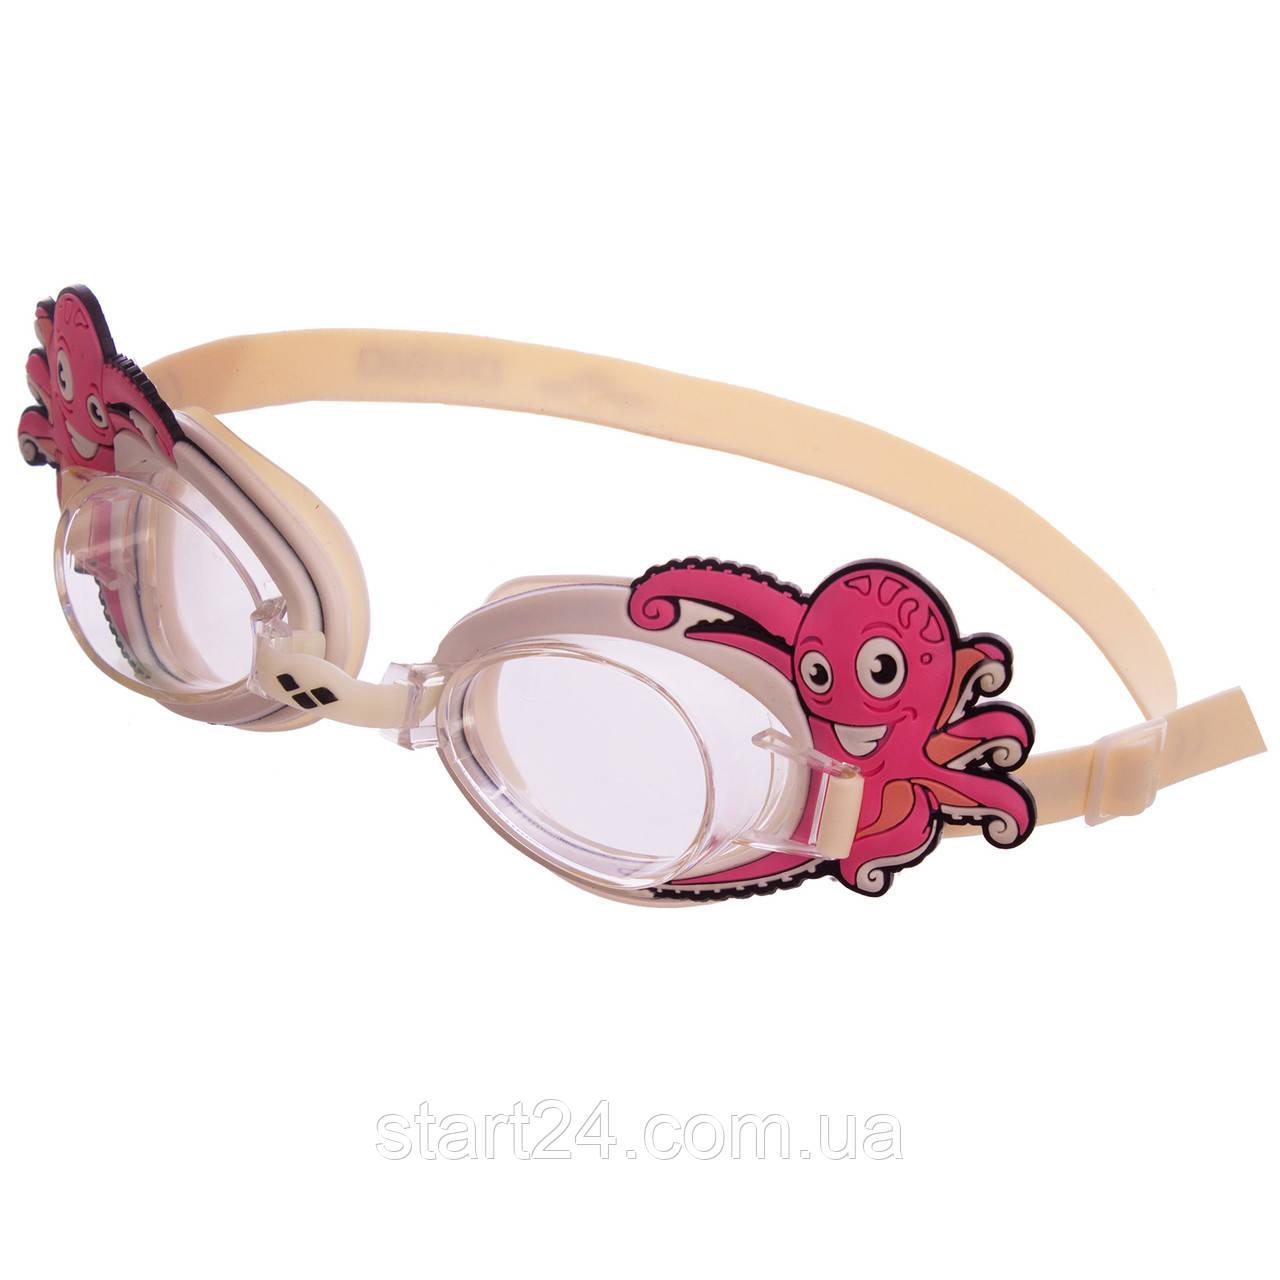 Очки для плавания детские ARENA BUBBLE WORLD AR-92339 (поликарбонат, термопластичная резина, силикон, цвета в